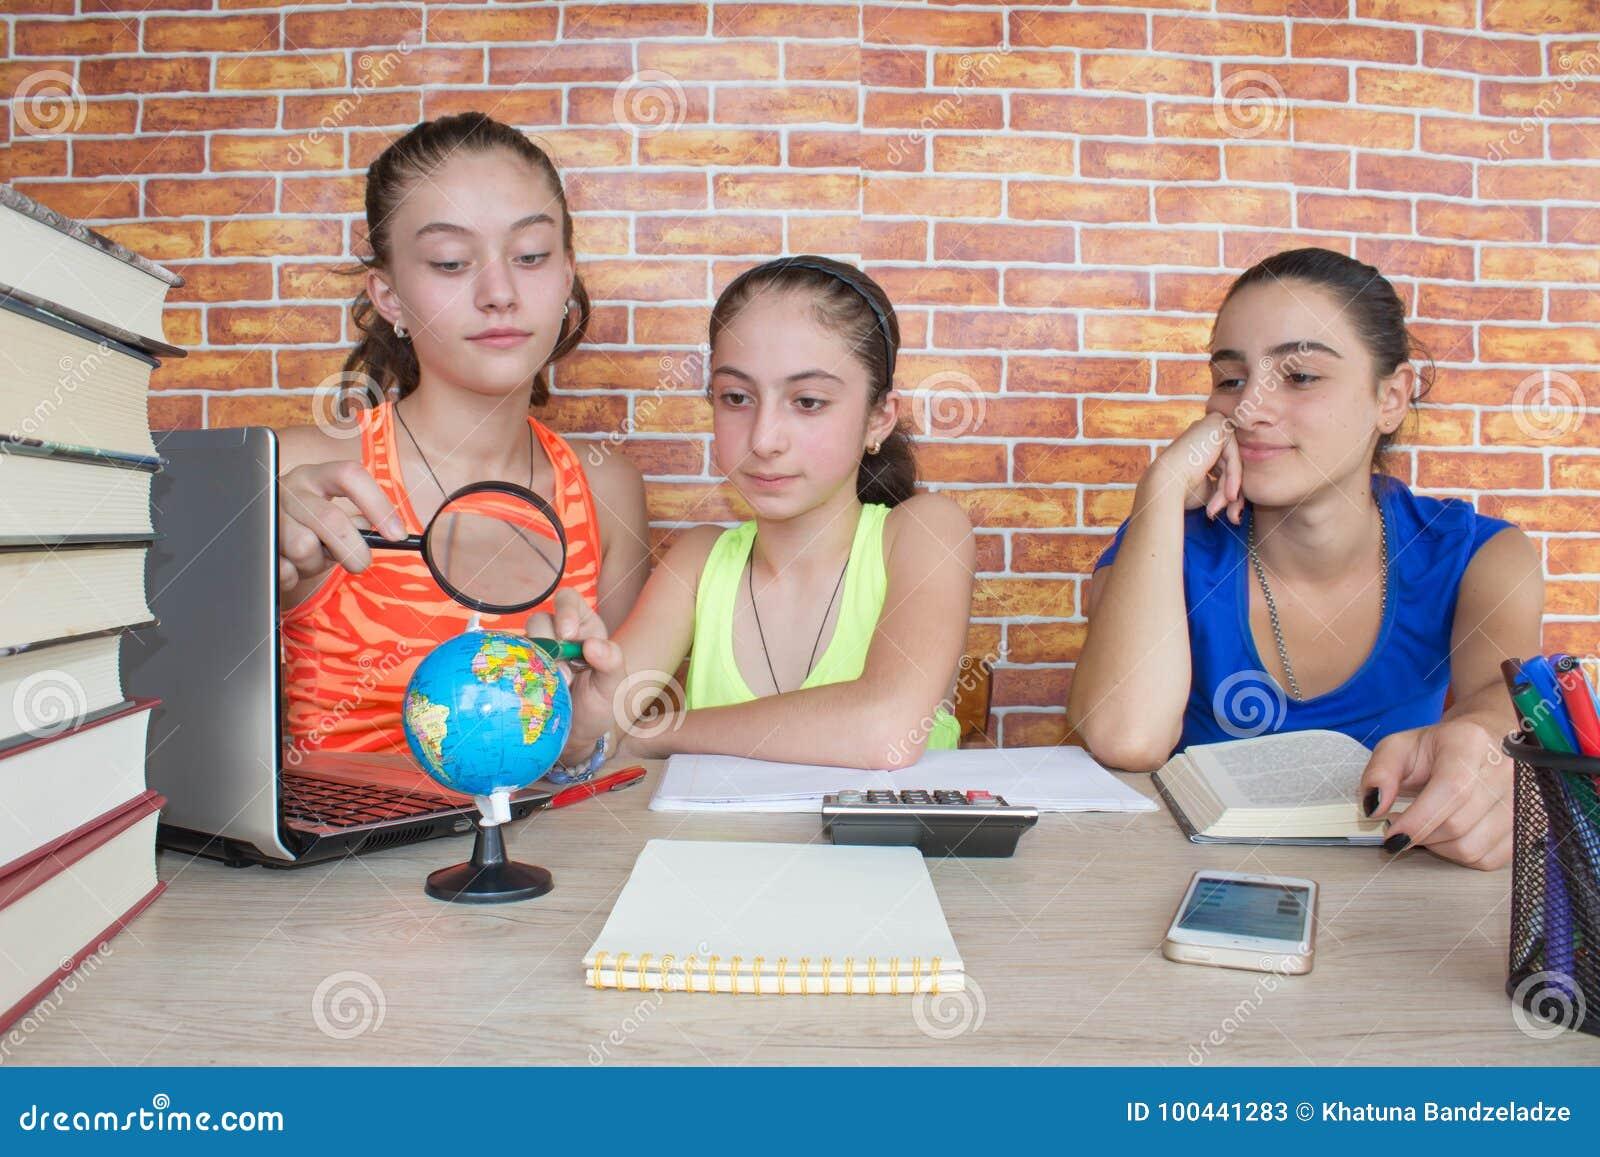 работа для девушек 3